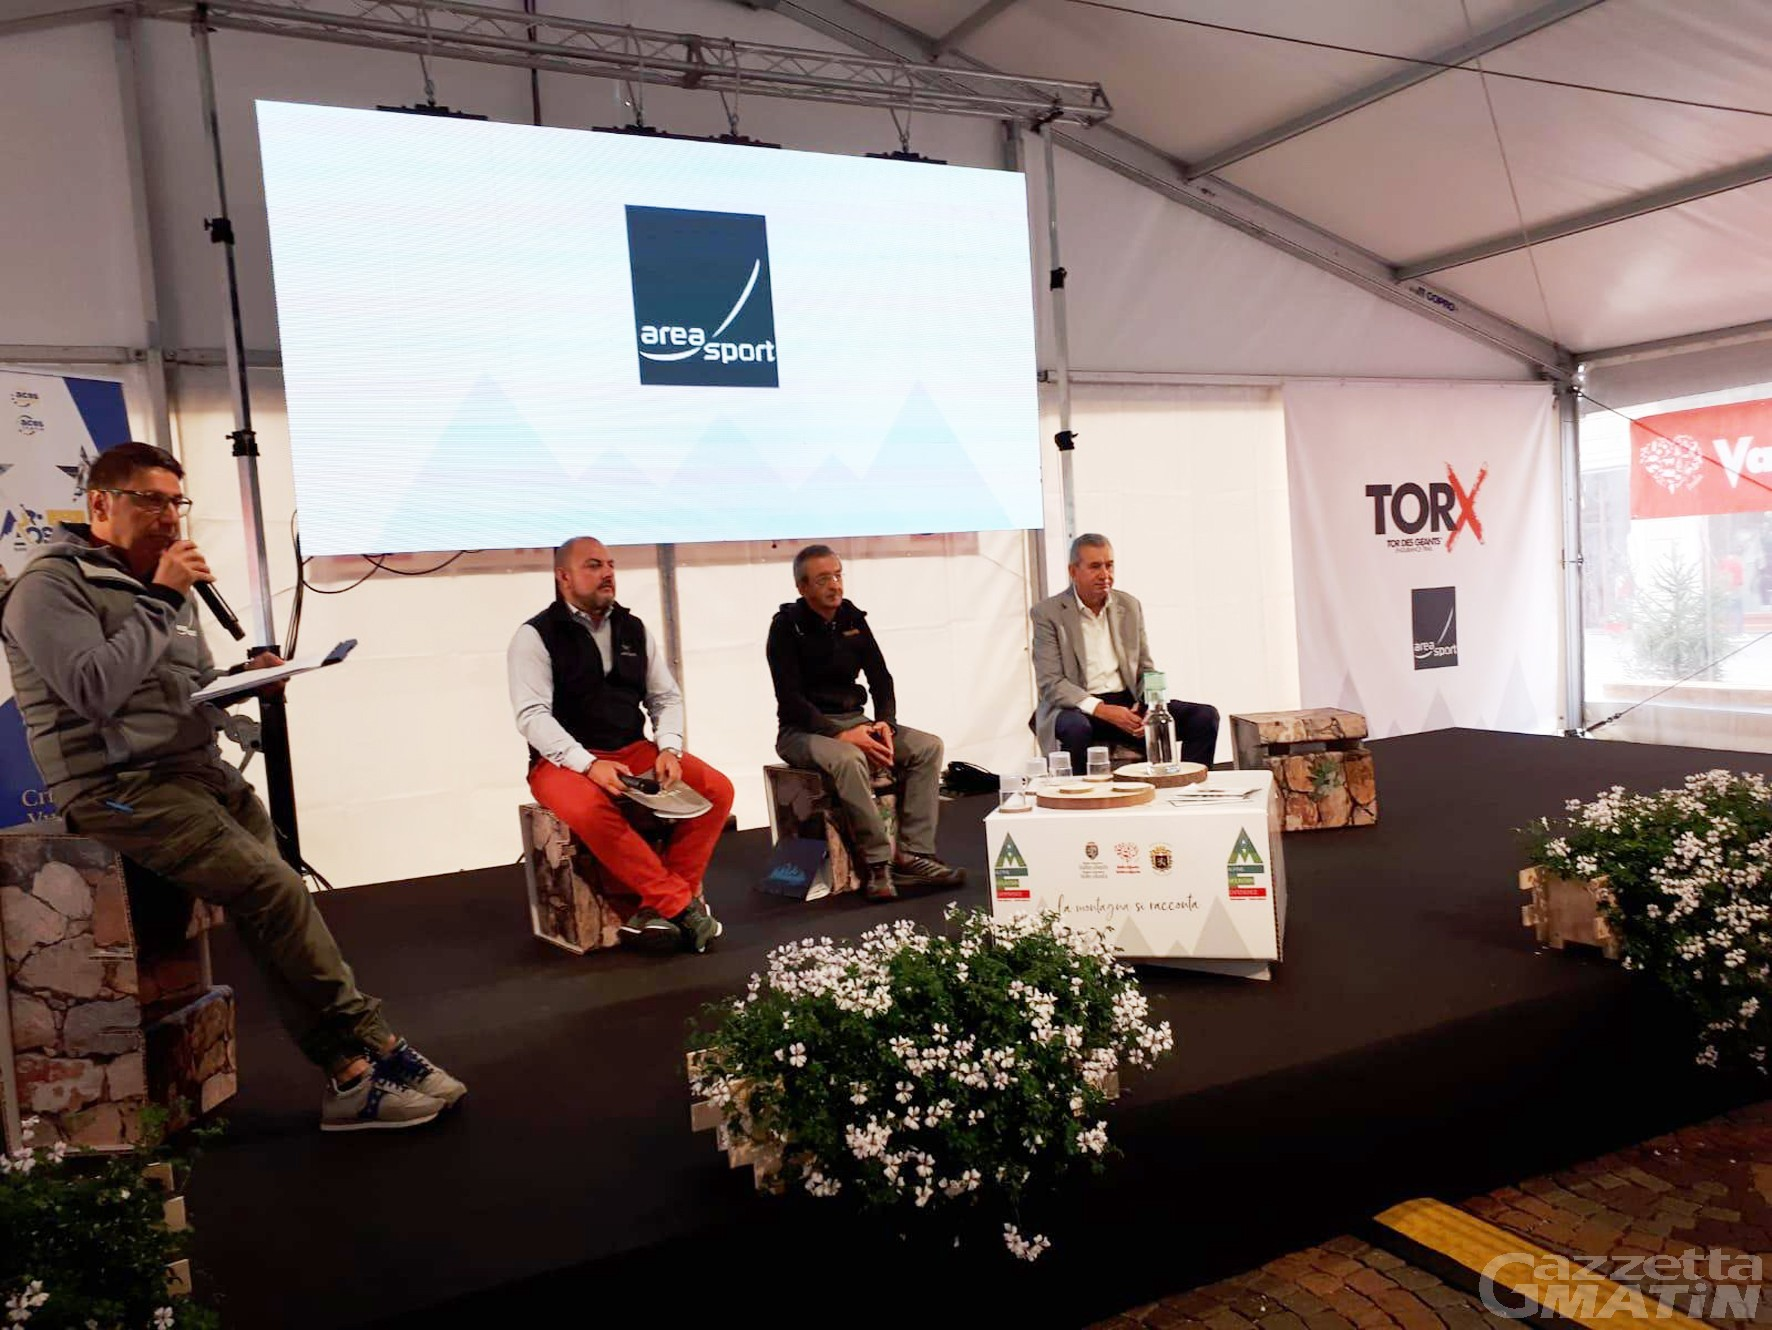 Ambiente: ad Aosta torna Città senza auto il 22 settembre